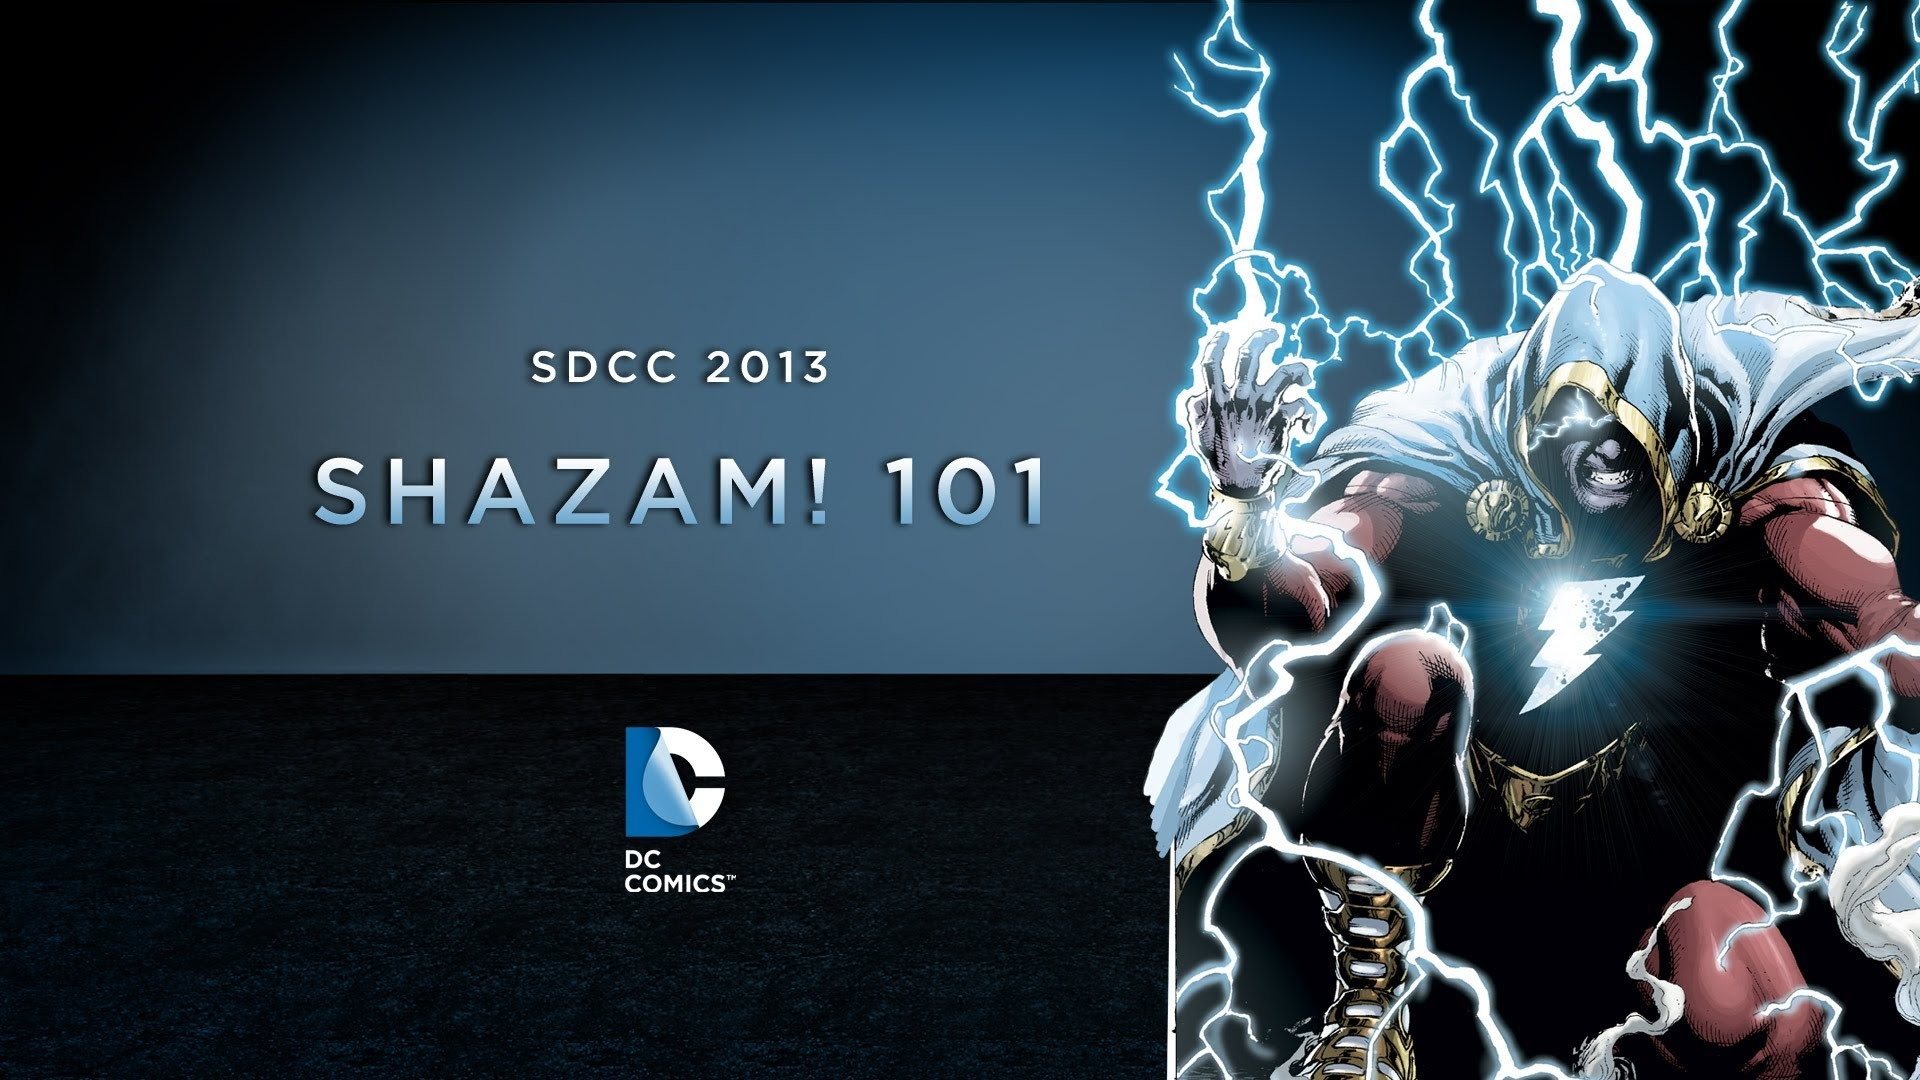 Shazam! Wallpaper HD by RevafallArts on DeviantArt